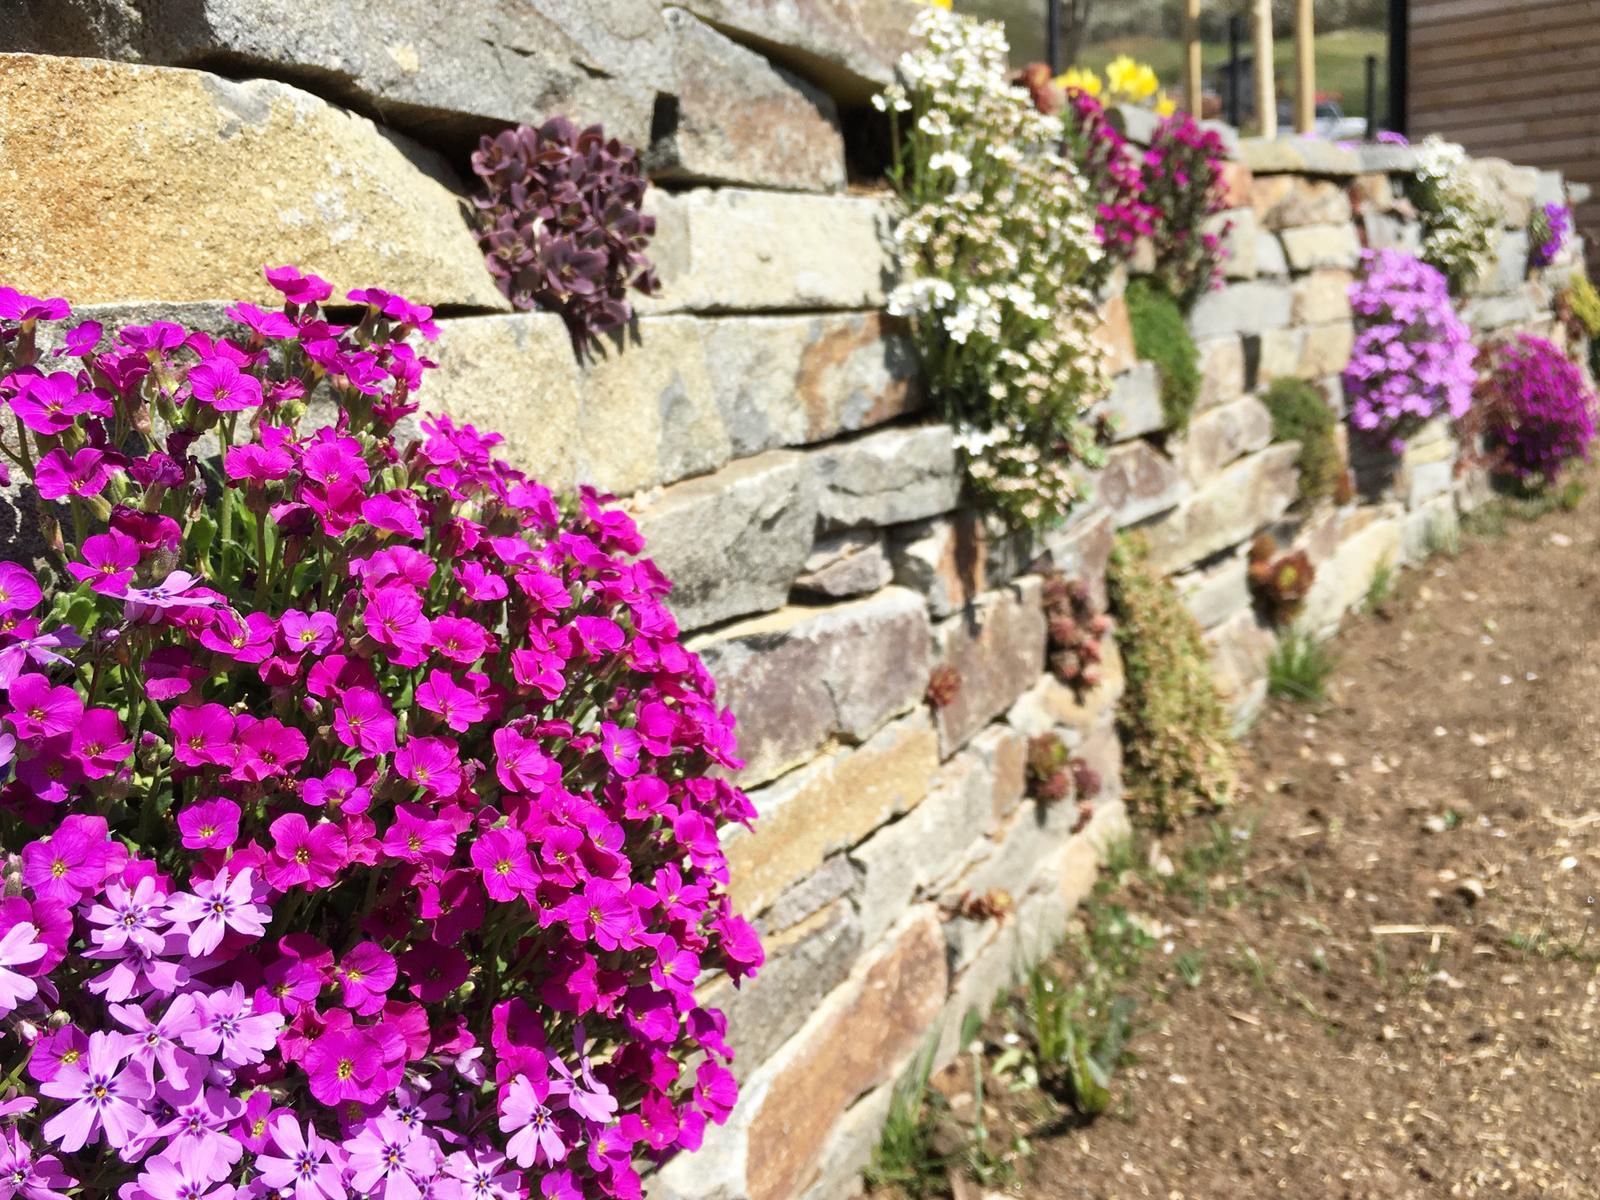 Záhrada v starom sade - Jar na múriku